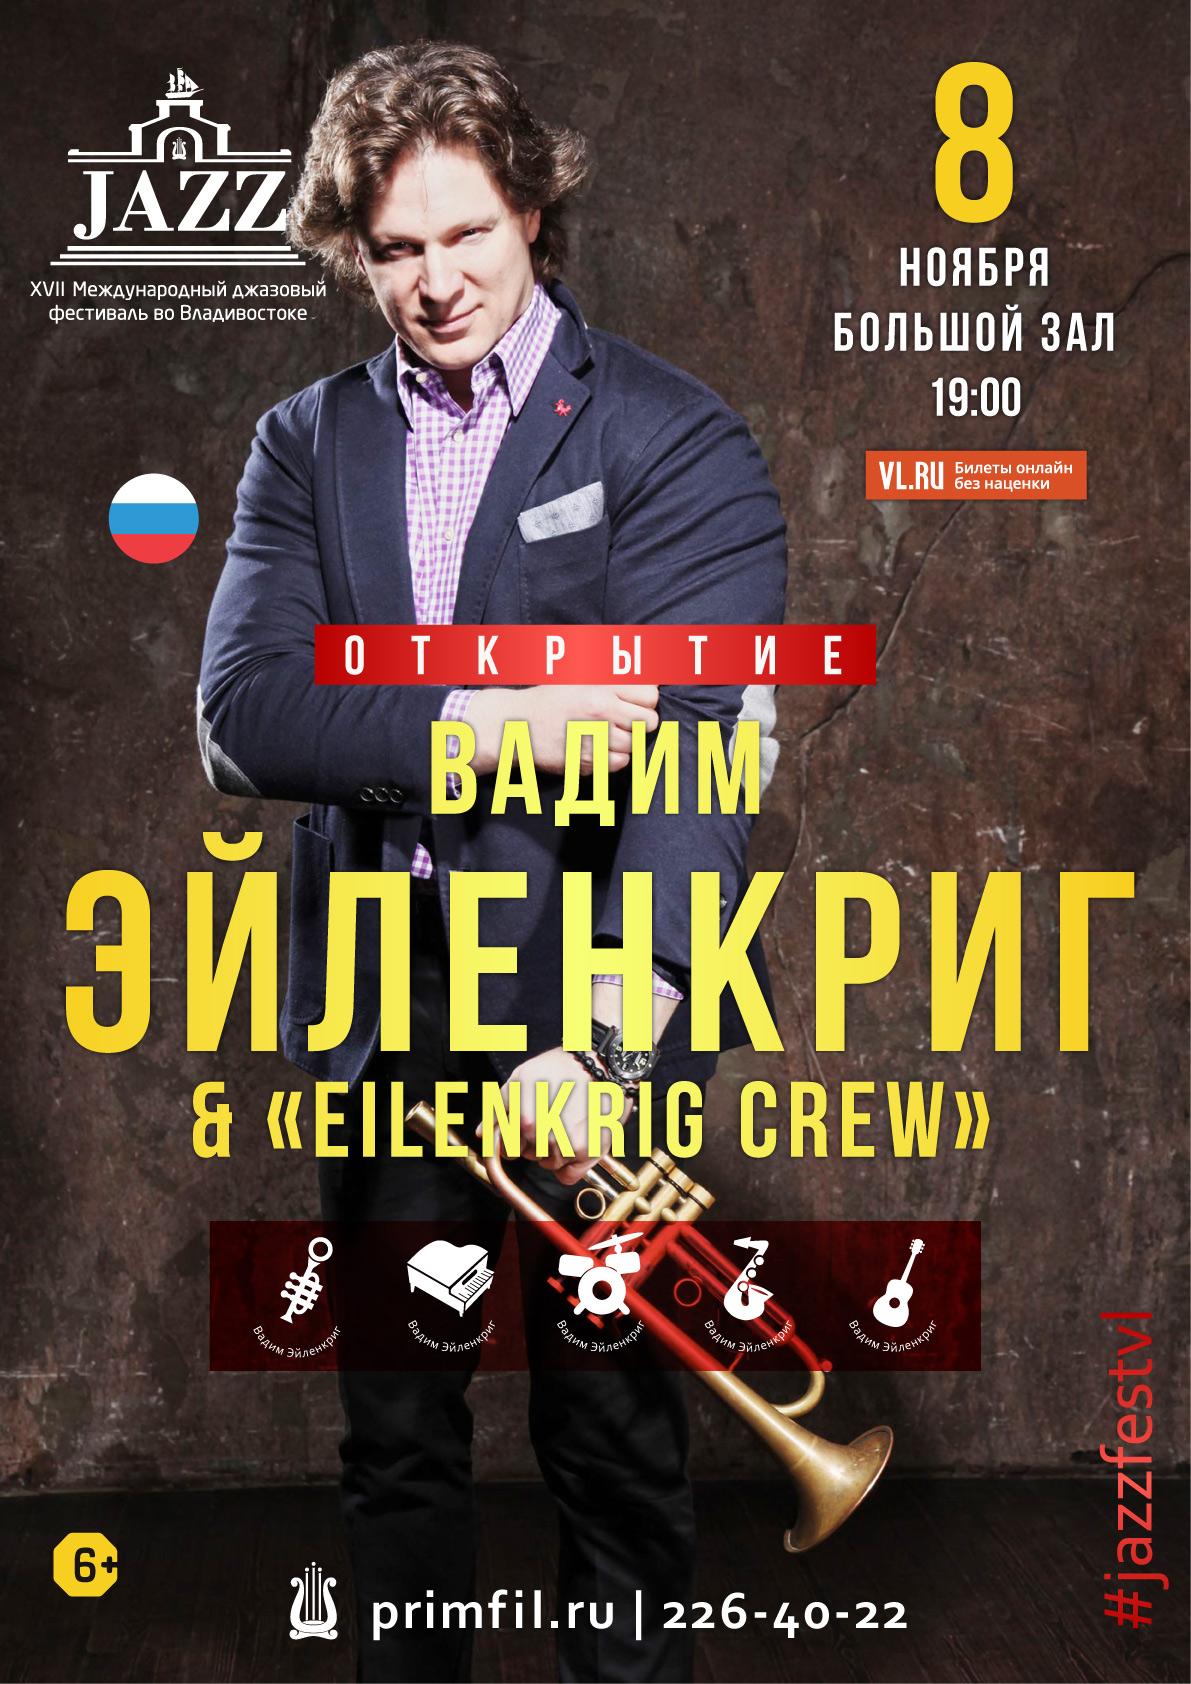 8 ноября XVI Международный джазовый фестиваль  Квартет Вадима Эйленкрига